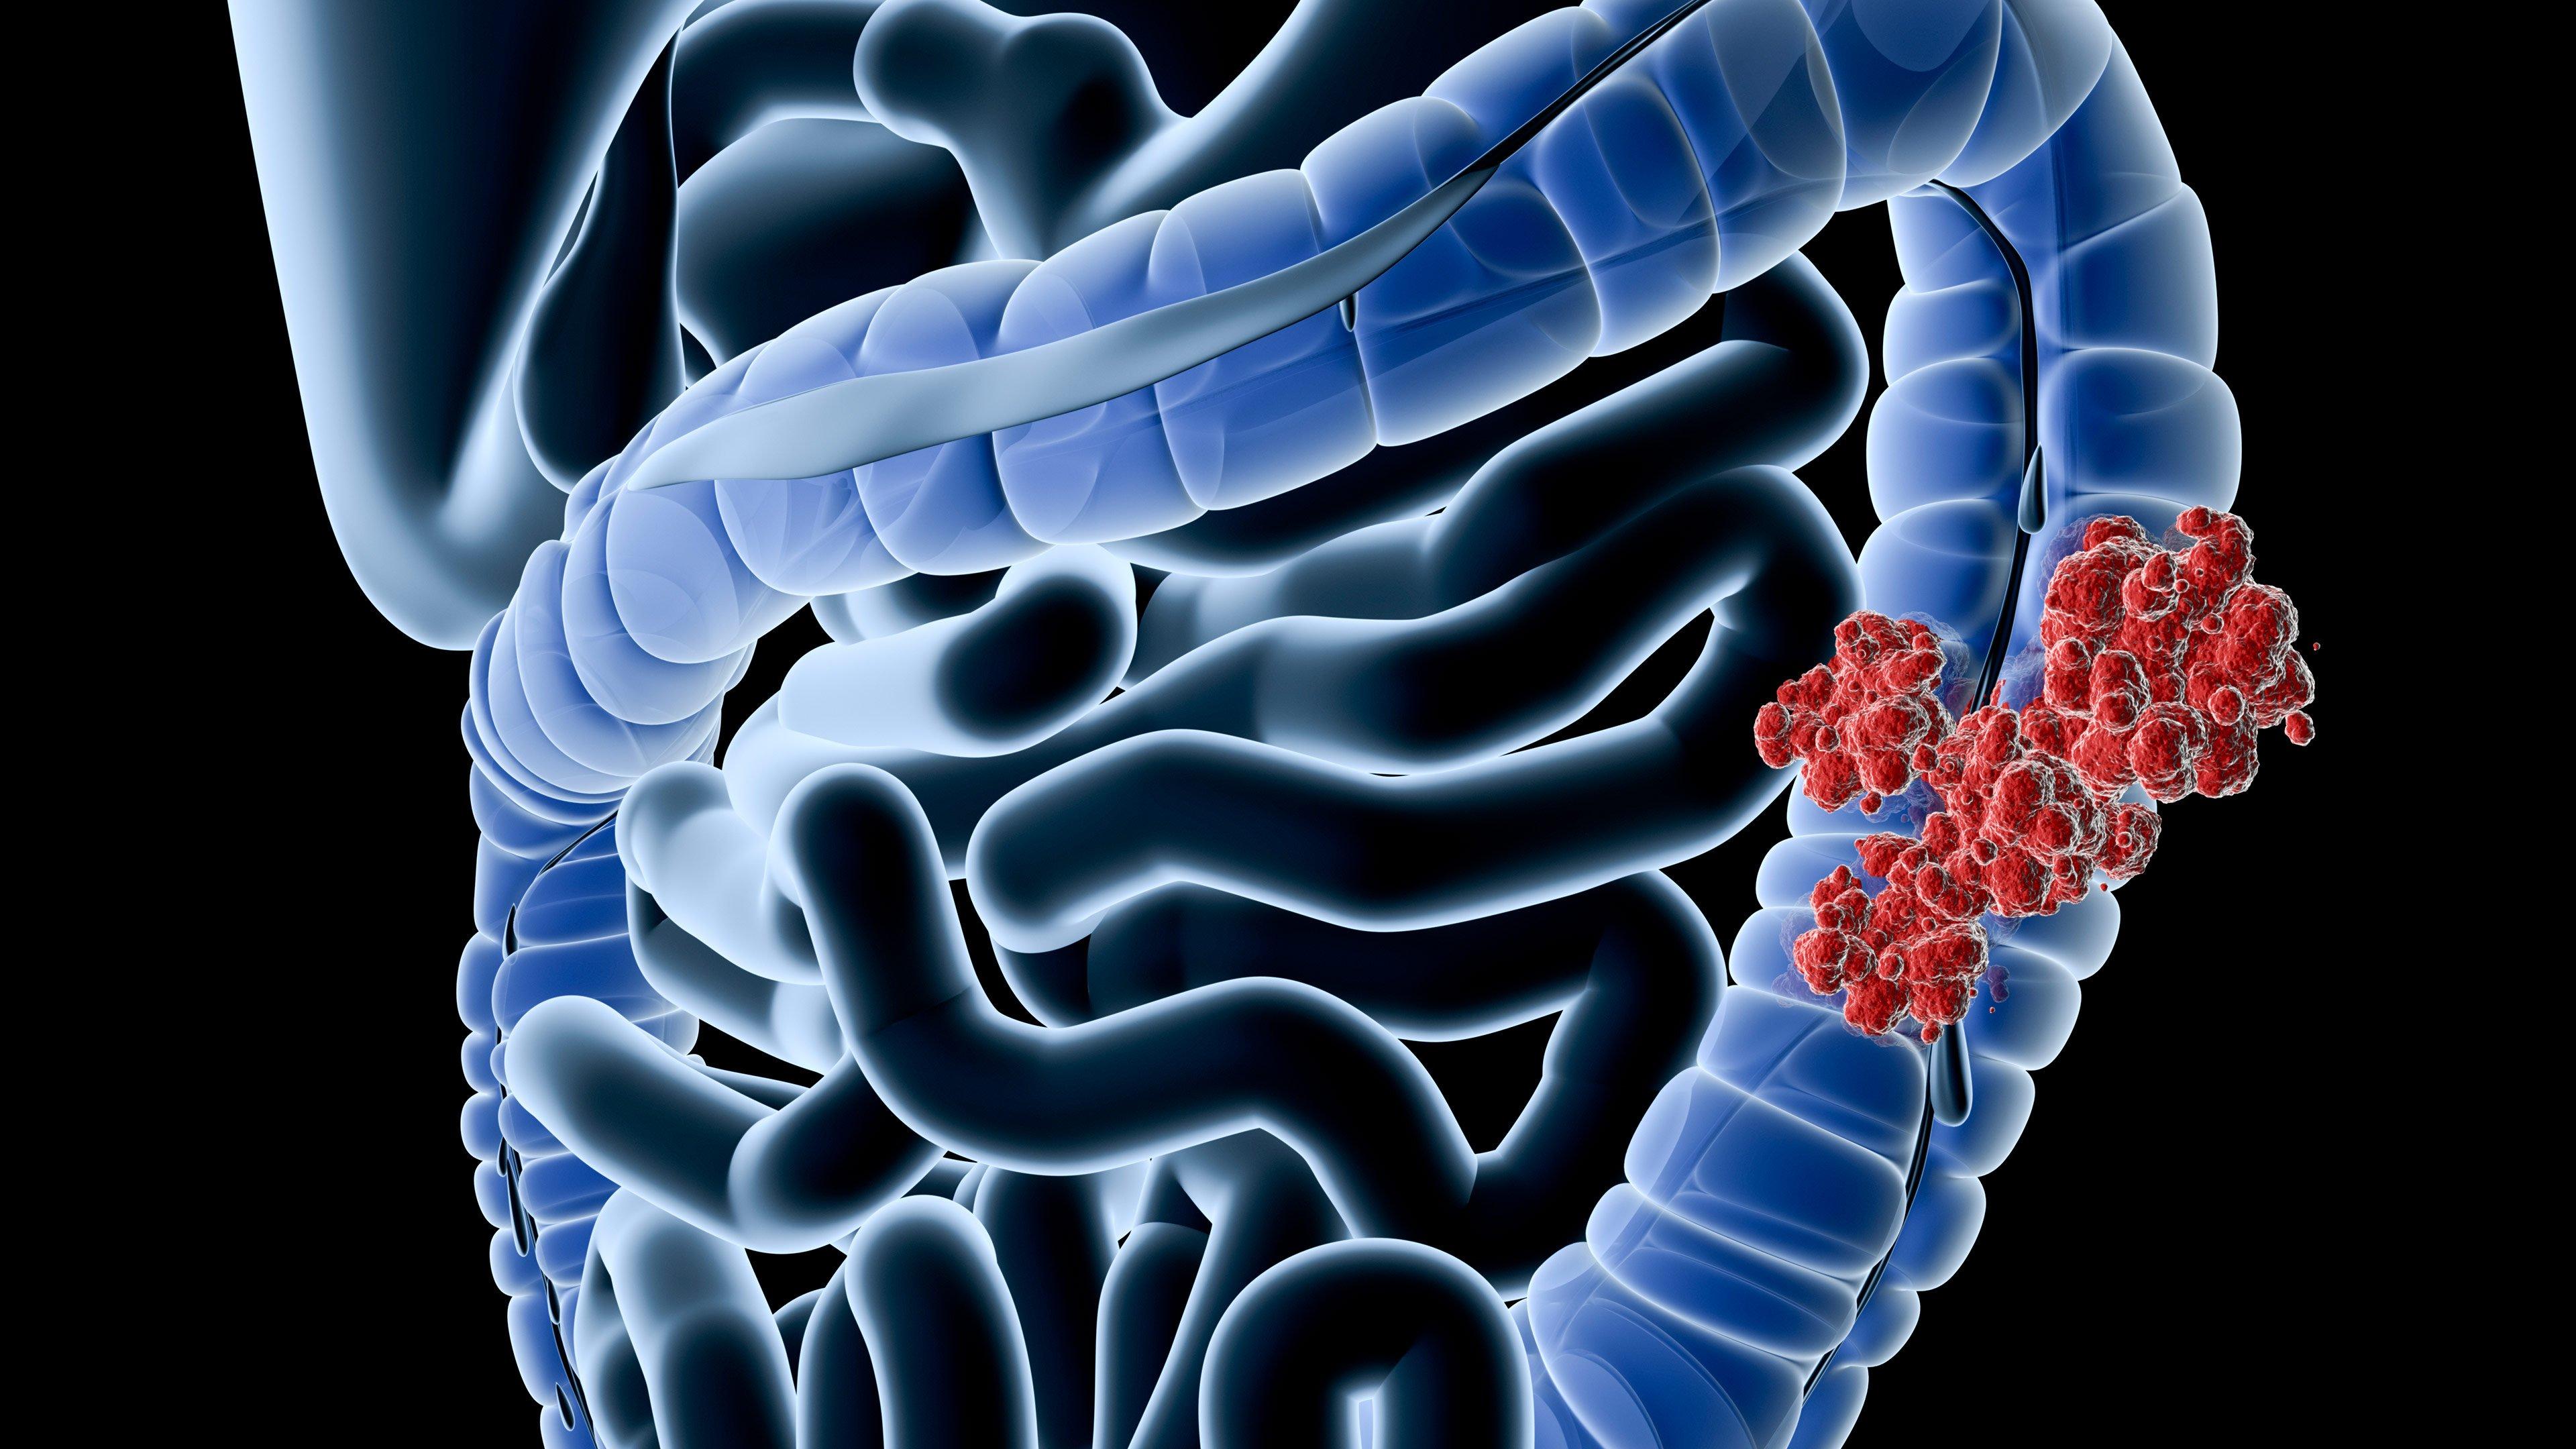 новообразование в кишечнике